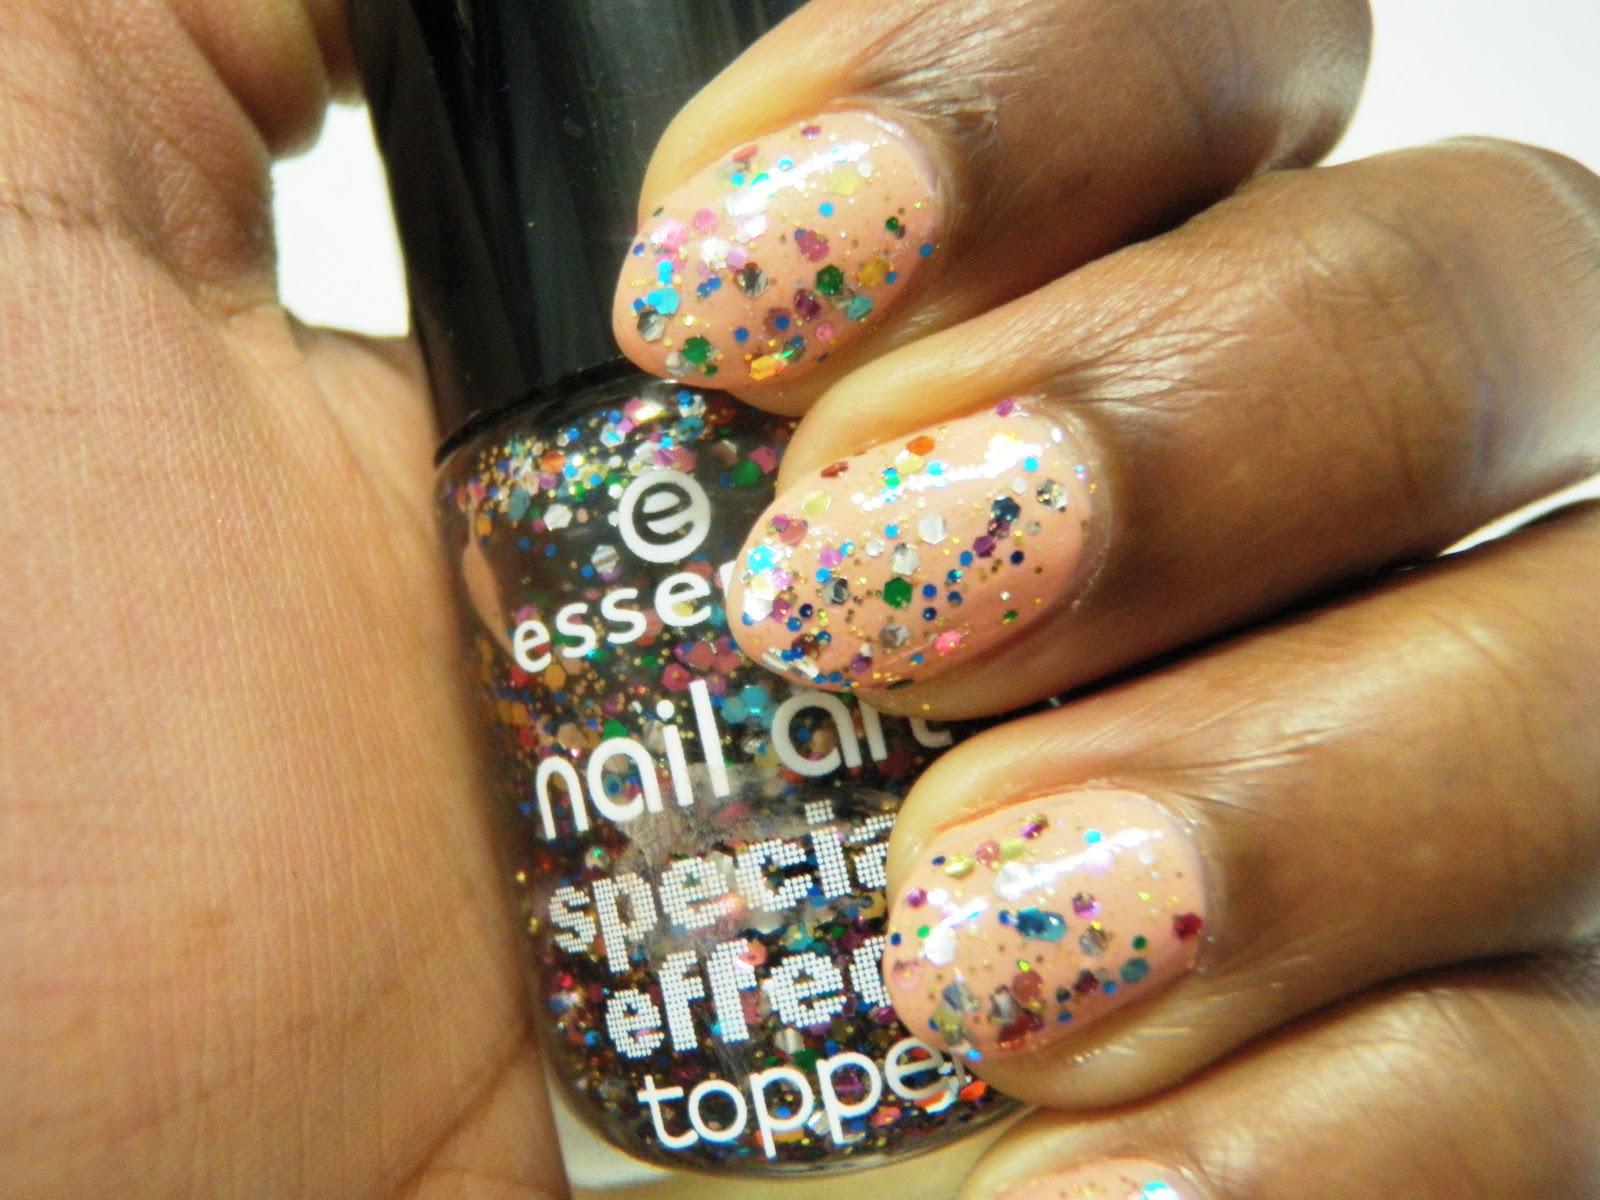 http://1.bp.blogspot.com/-3ZopSVdpjpU/Txrrh090AfI/AAAAAAAABFo/Bi0Es6TRhvI/s1600/notd+-+ciate+sugared+almonds+%252B+essence+circus+confetti+4.JPG